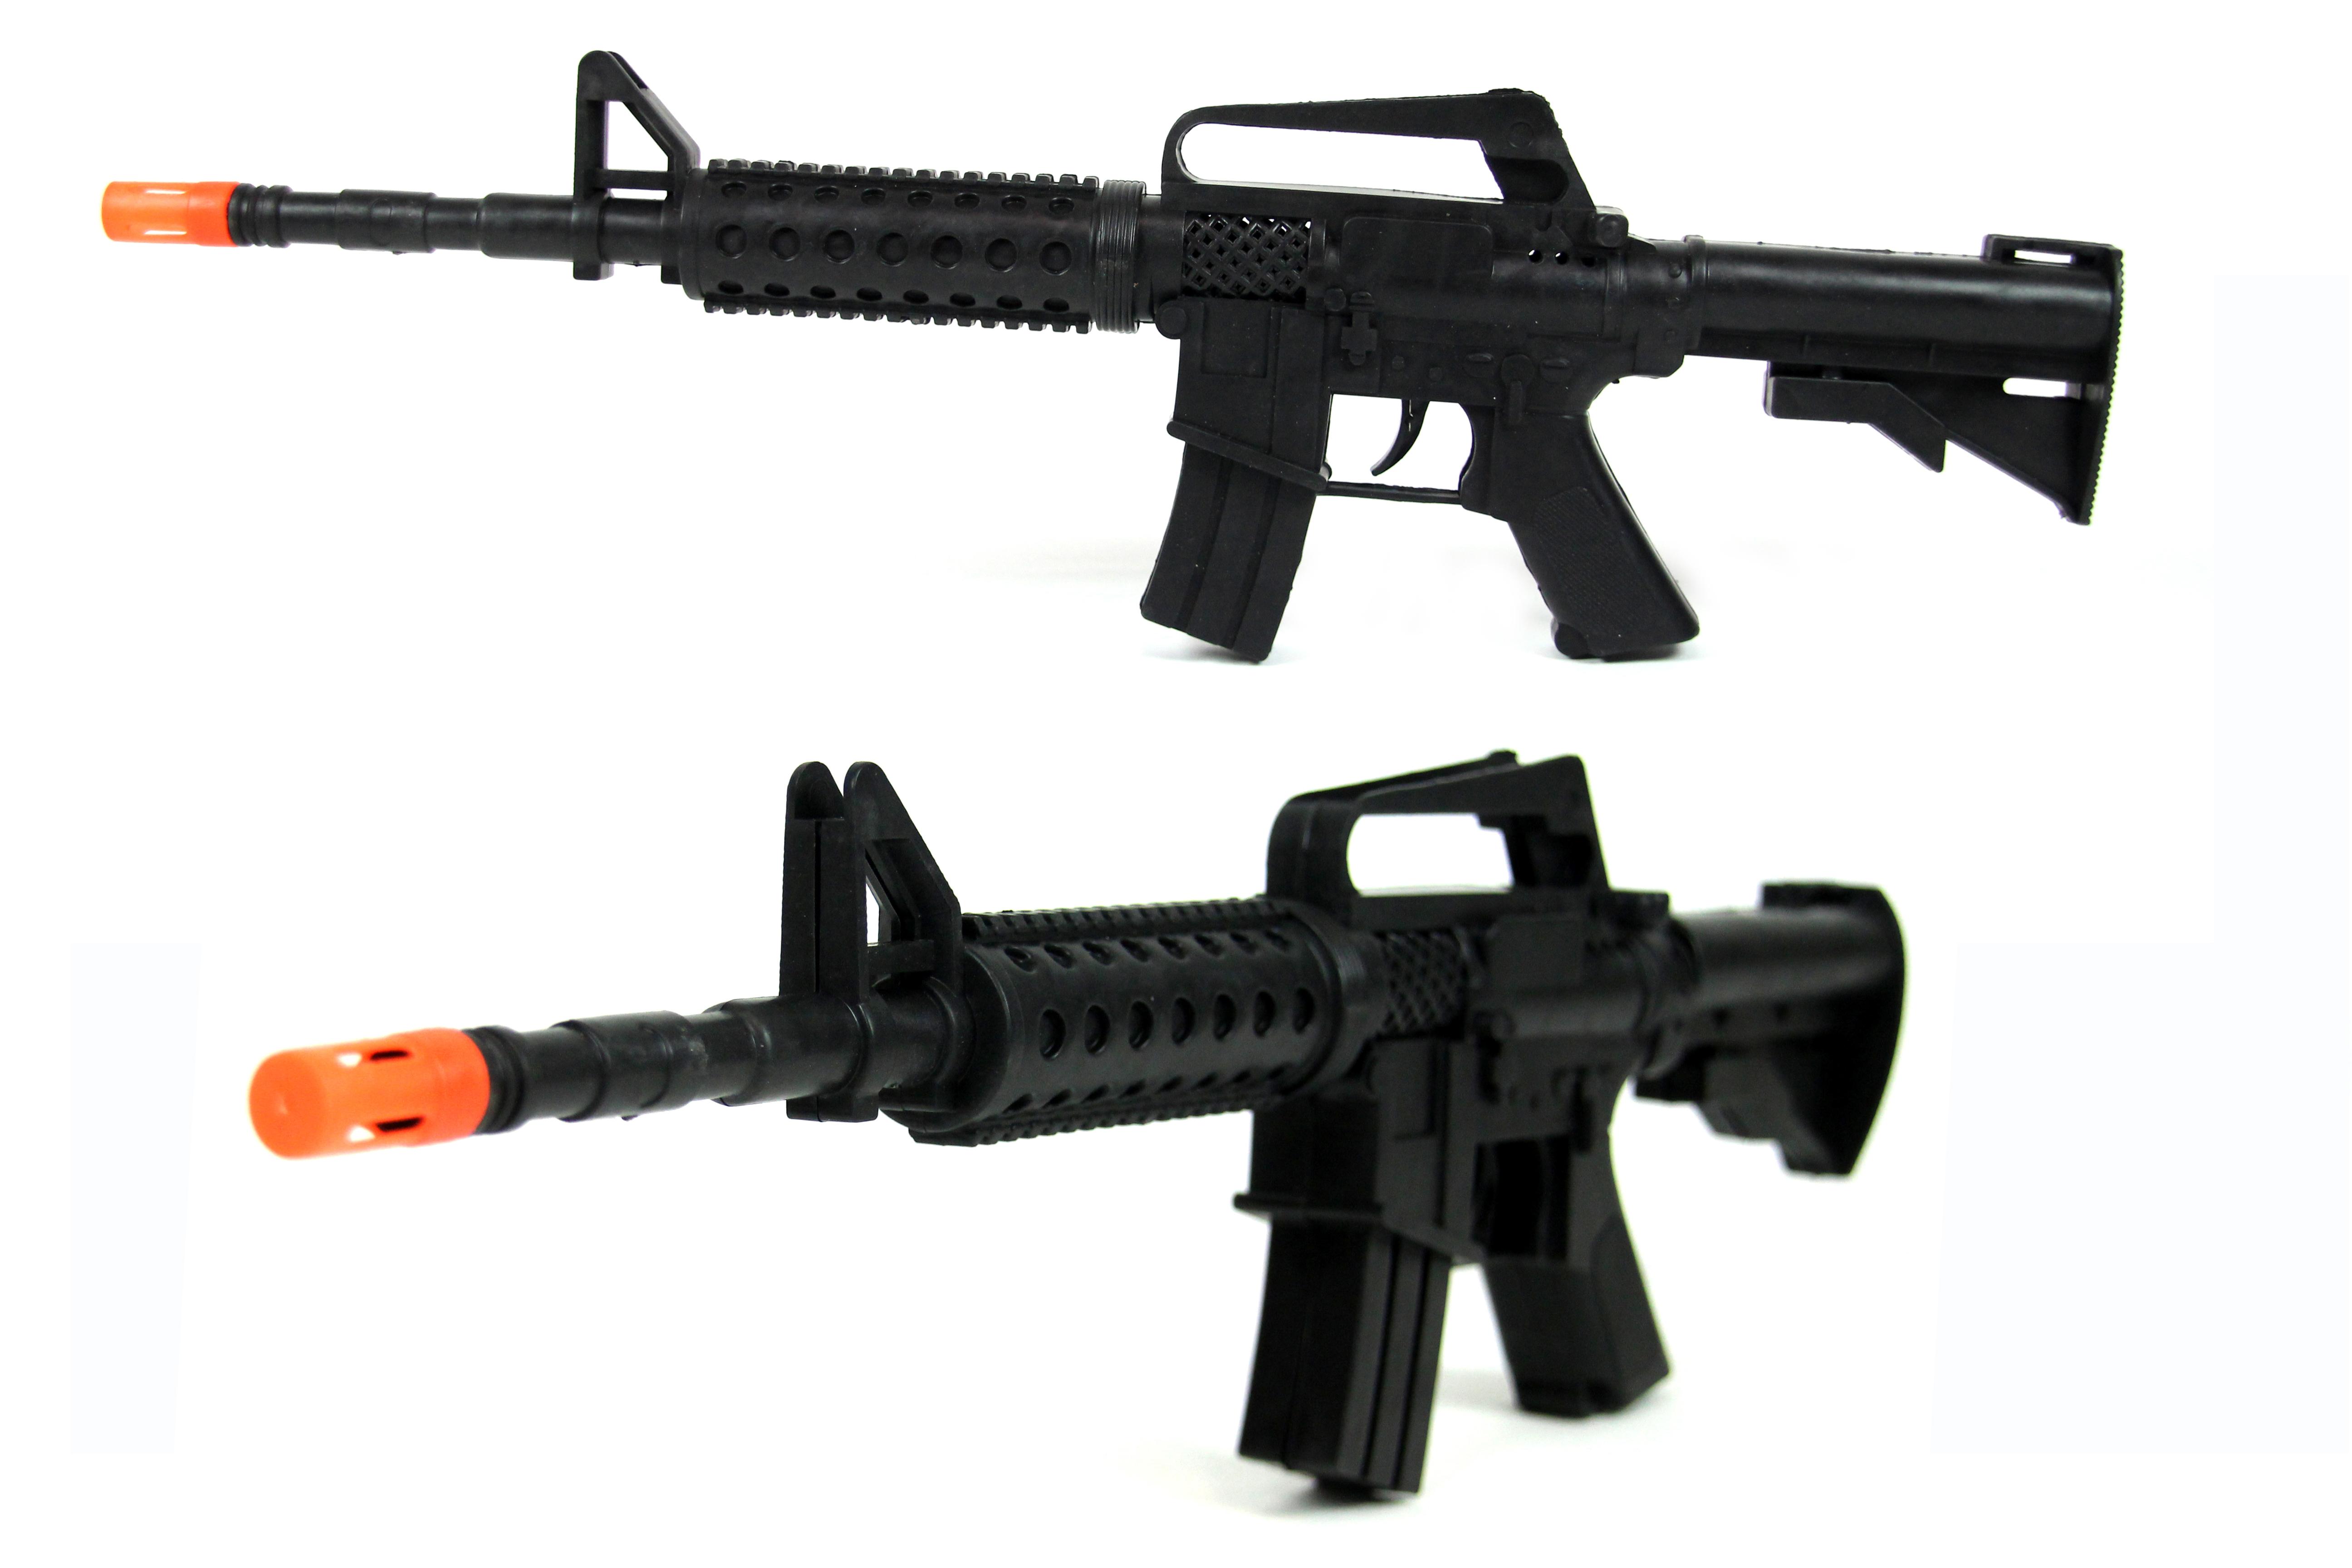 Xl spielzeug gewehr mit ratter sound cm maschinengewehr